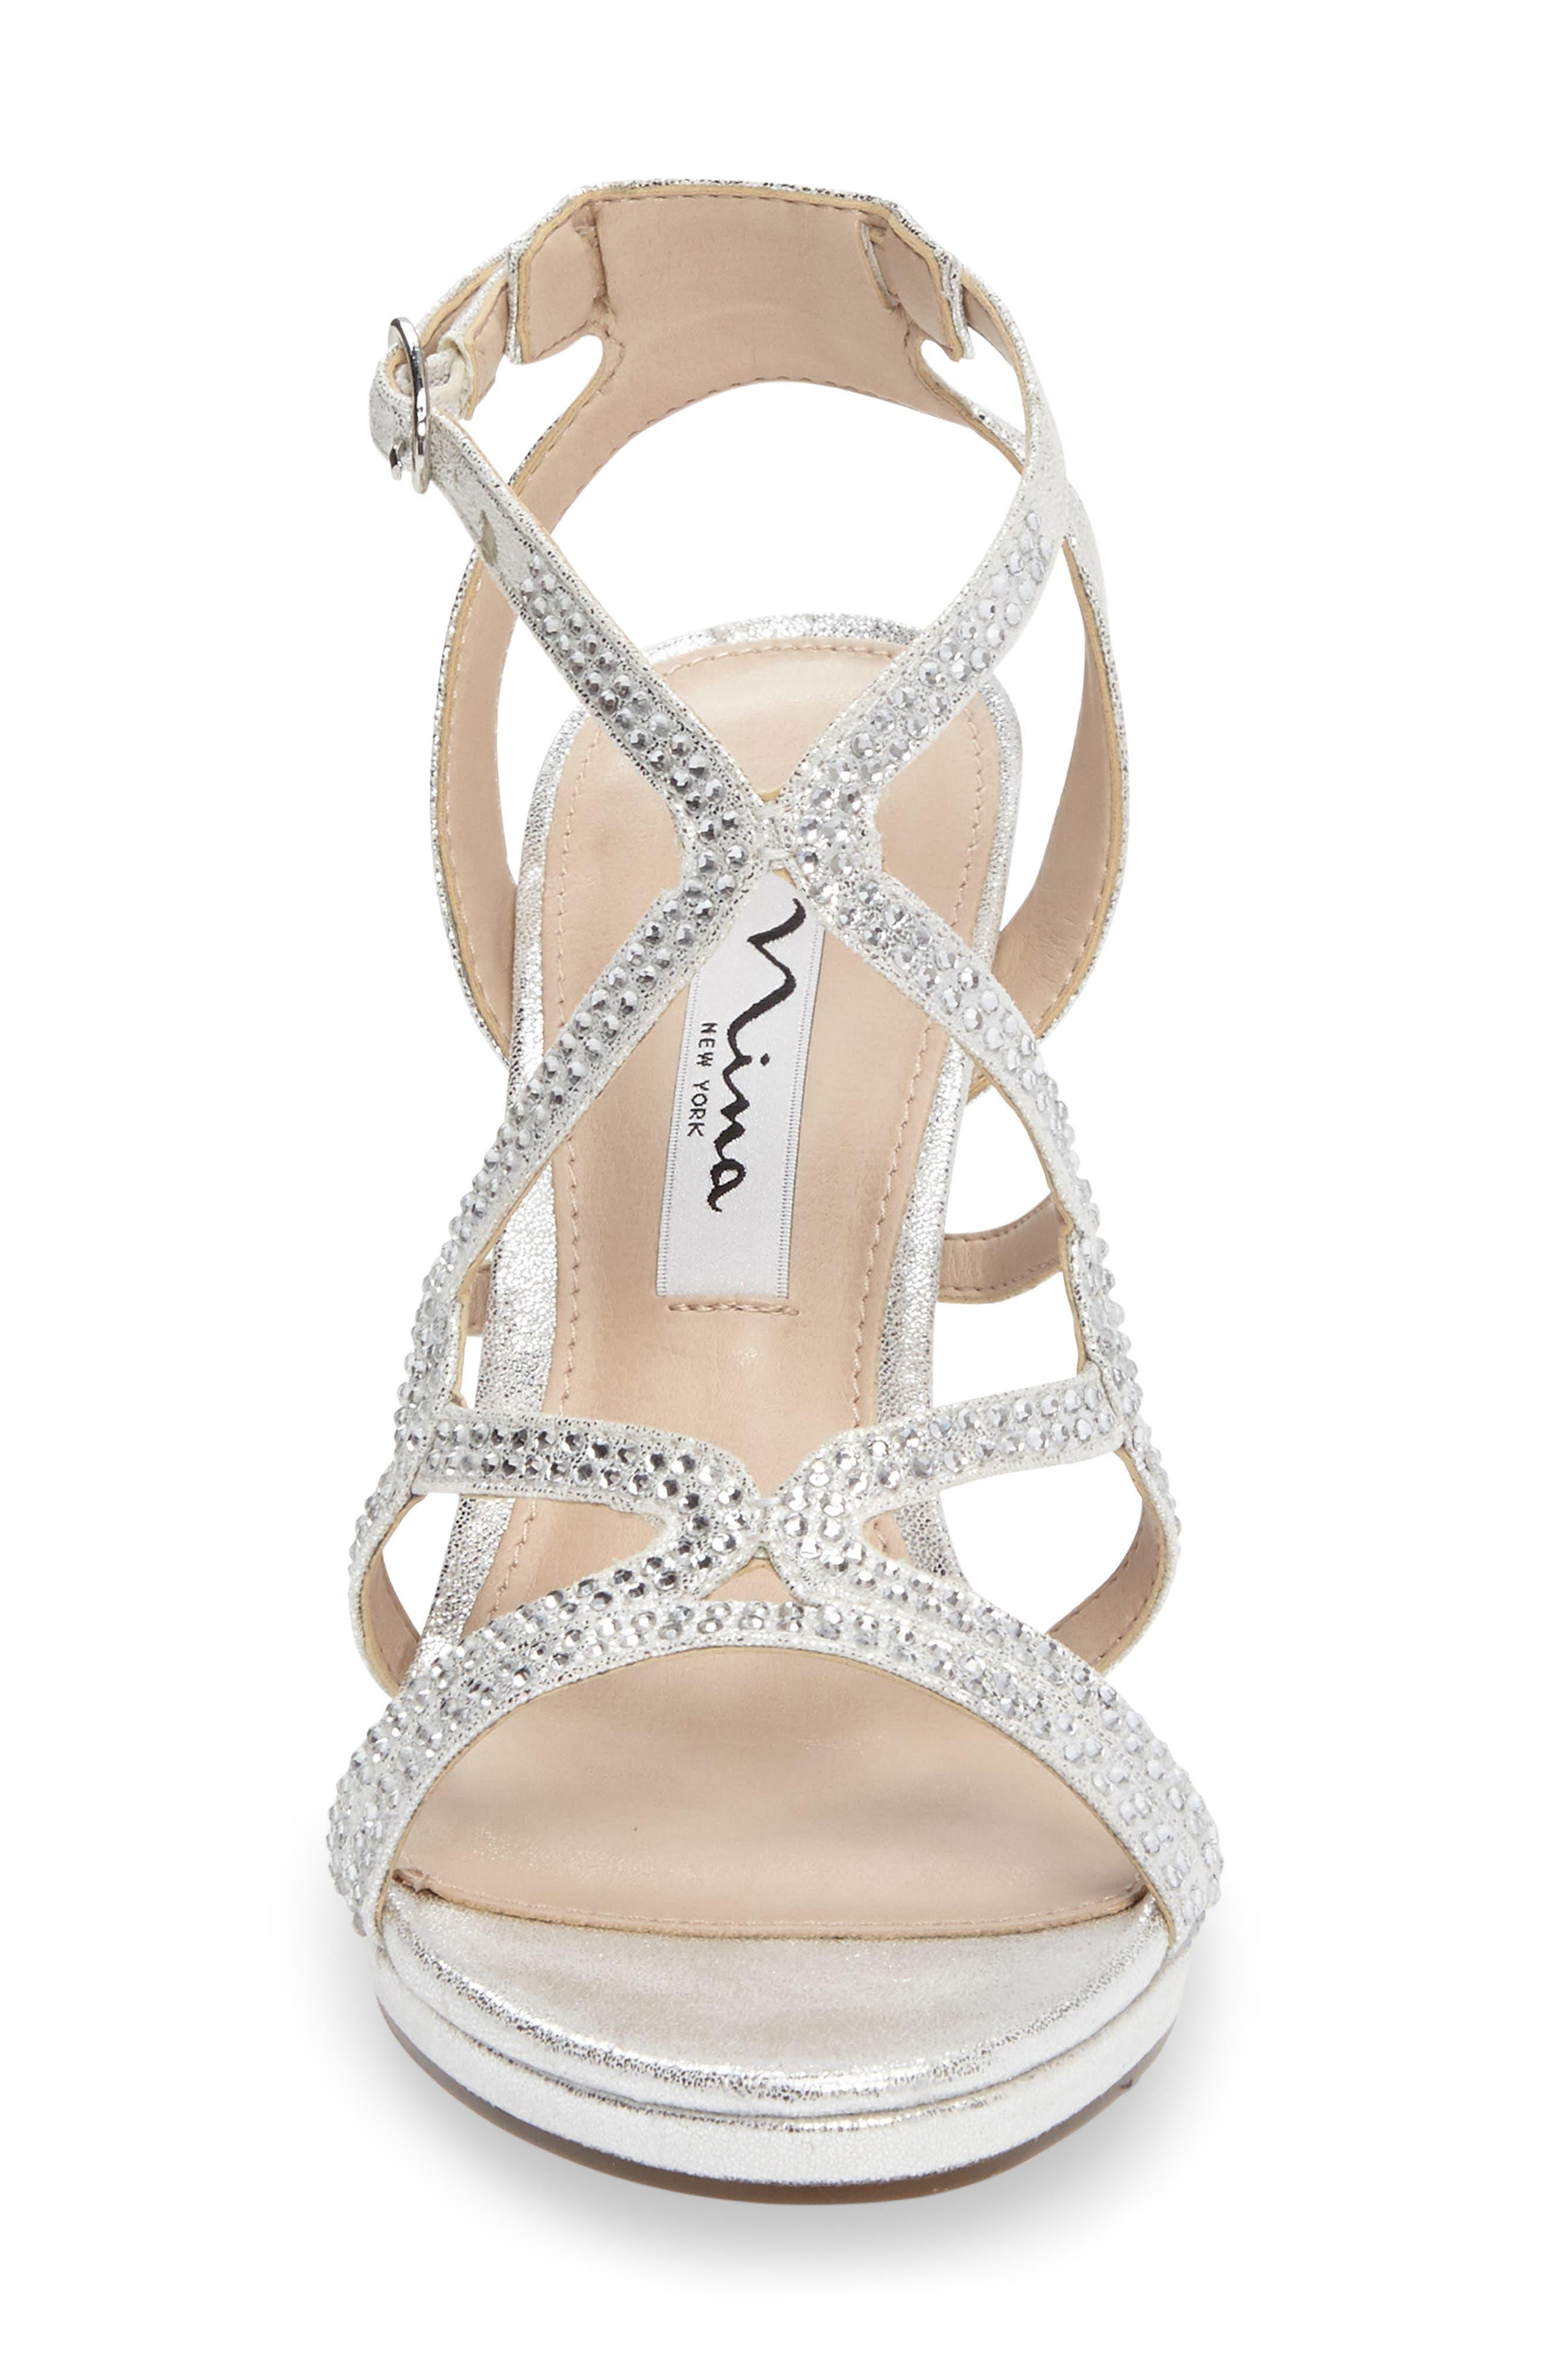 Varsha Crystal Embellished Evening Sandal,                             Alternate thumbnail 4, color,                             041